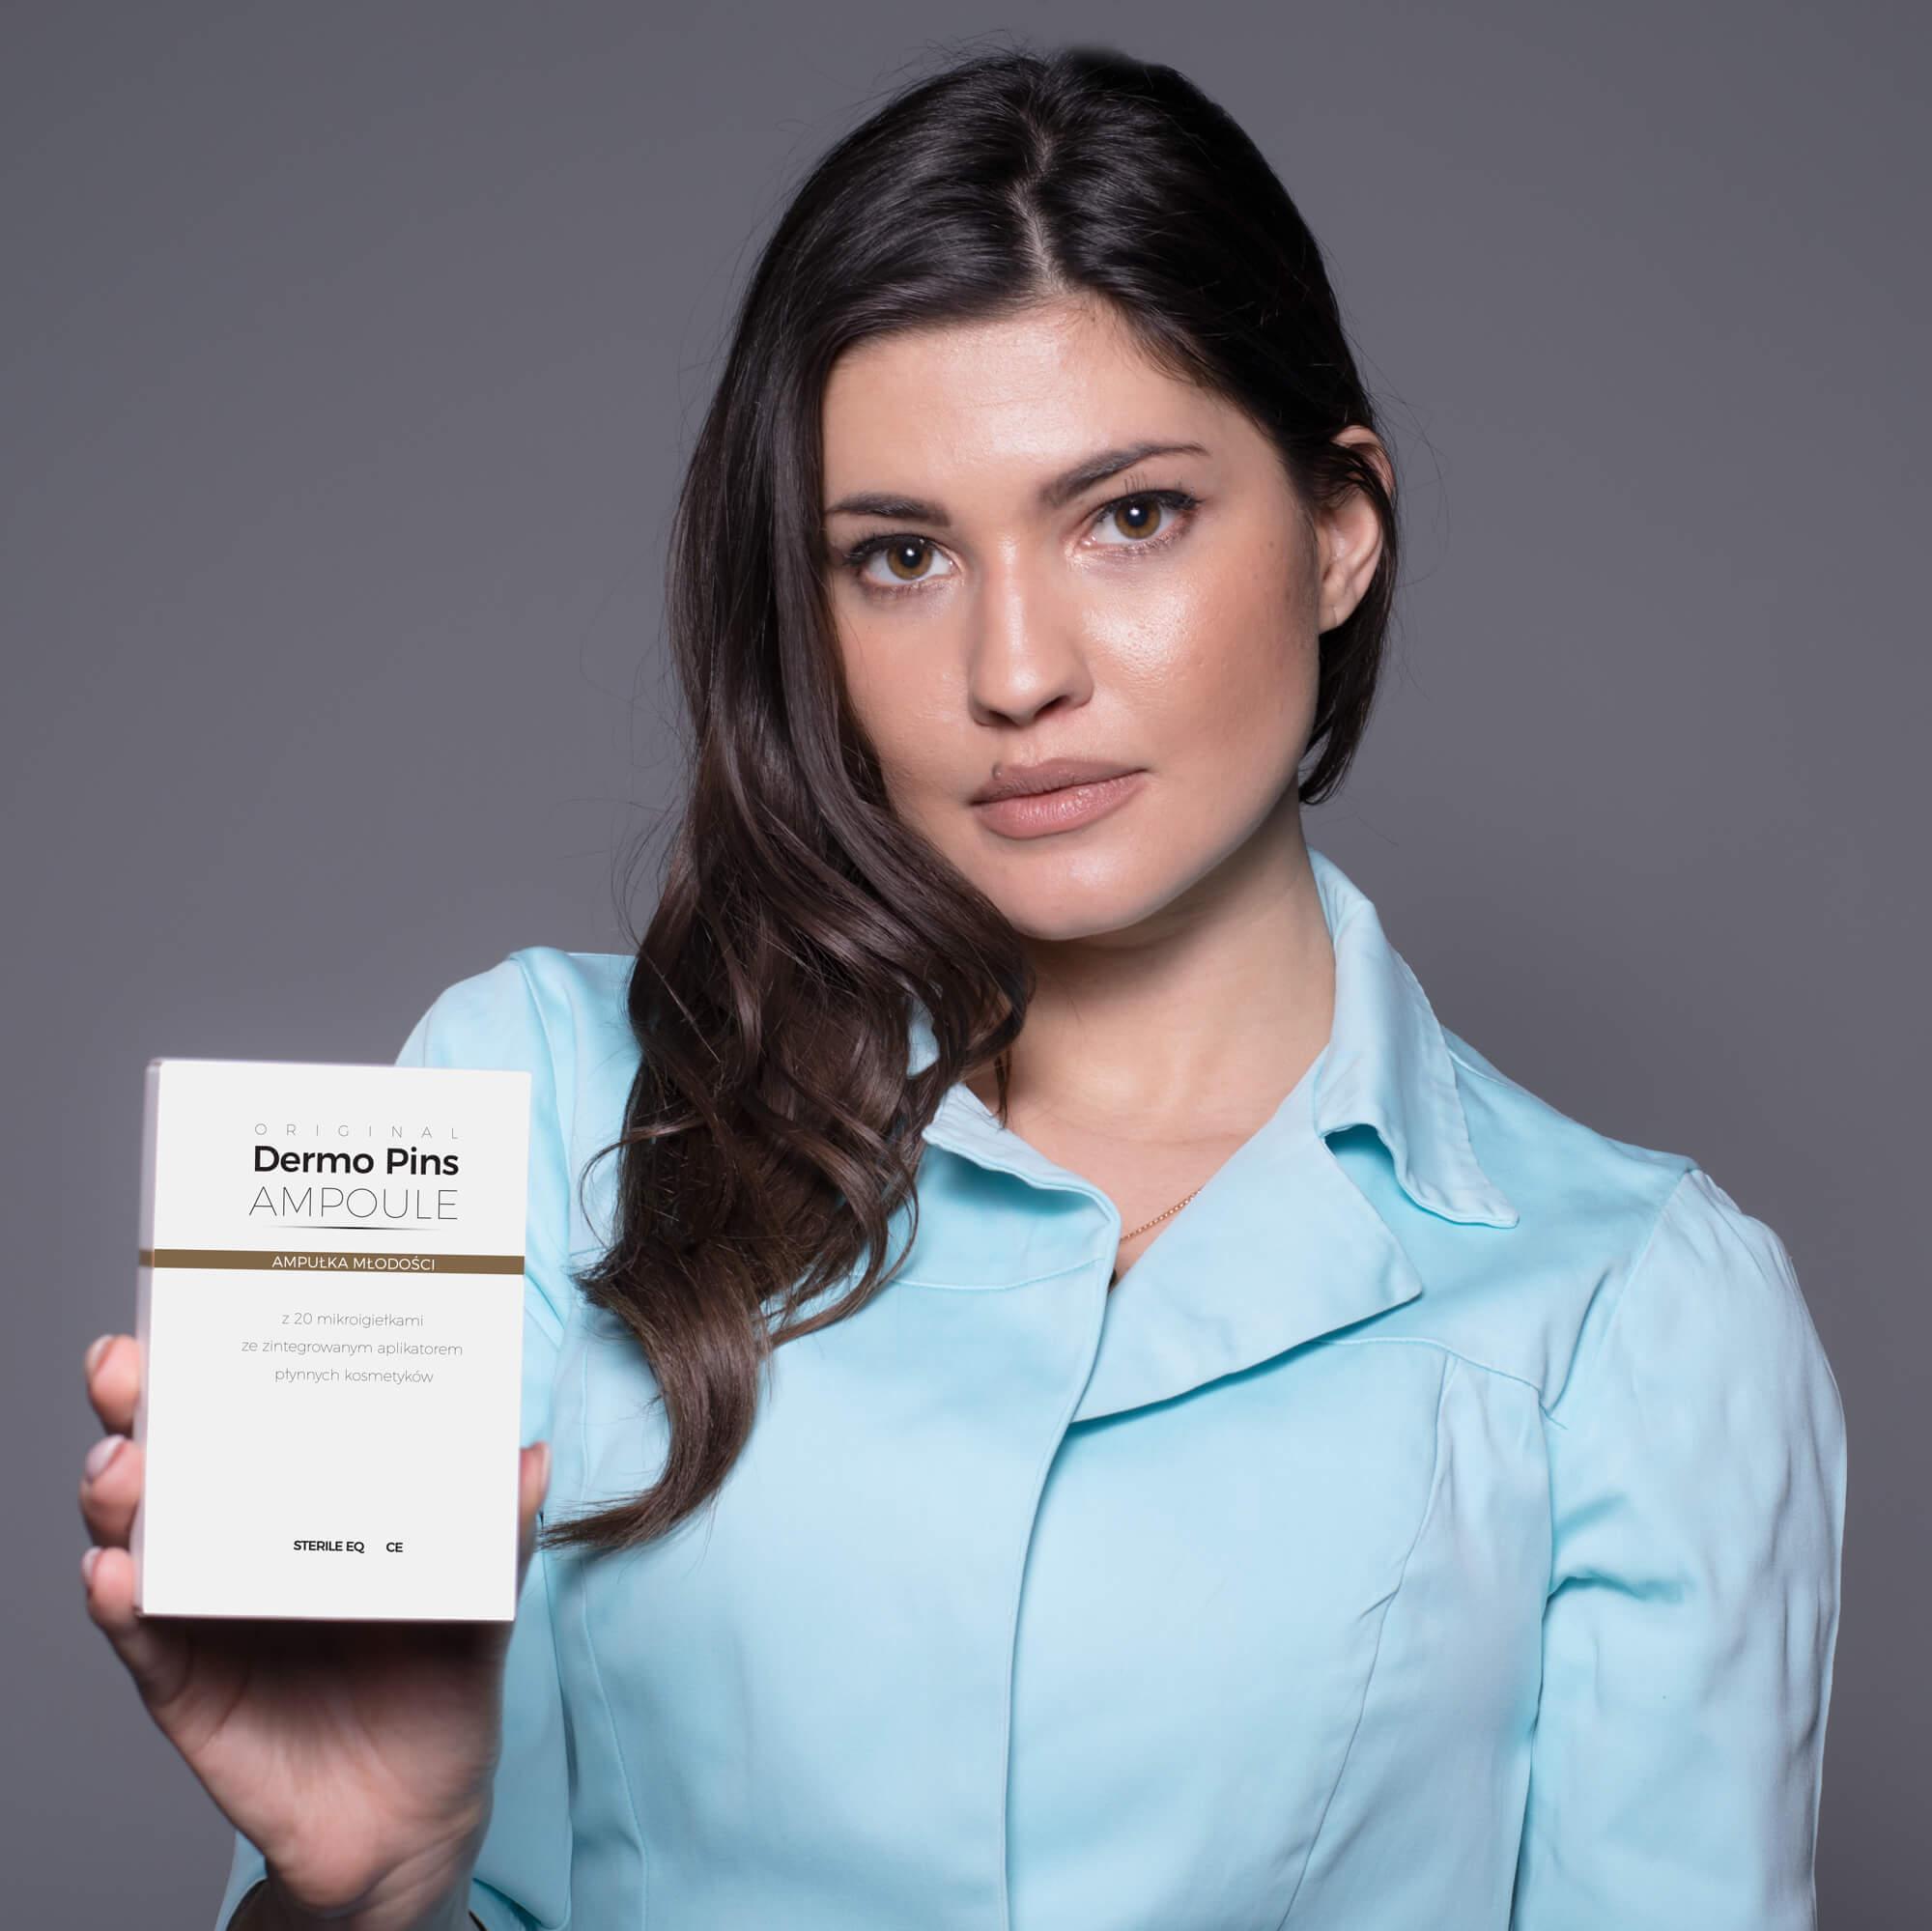 Ampułka z igiełkami jest bezpieczna w użyciu dla wszystkich rodzajów skóry